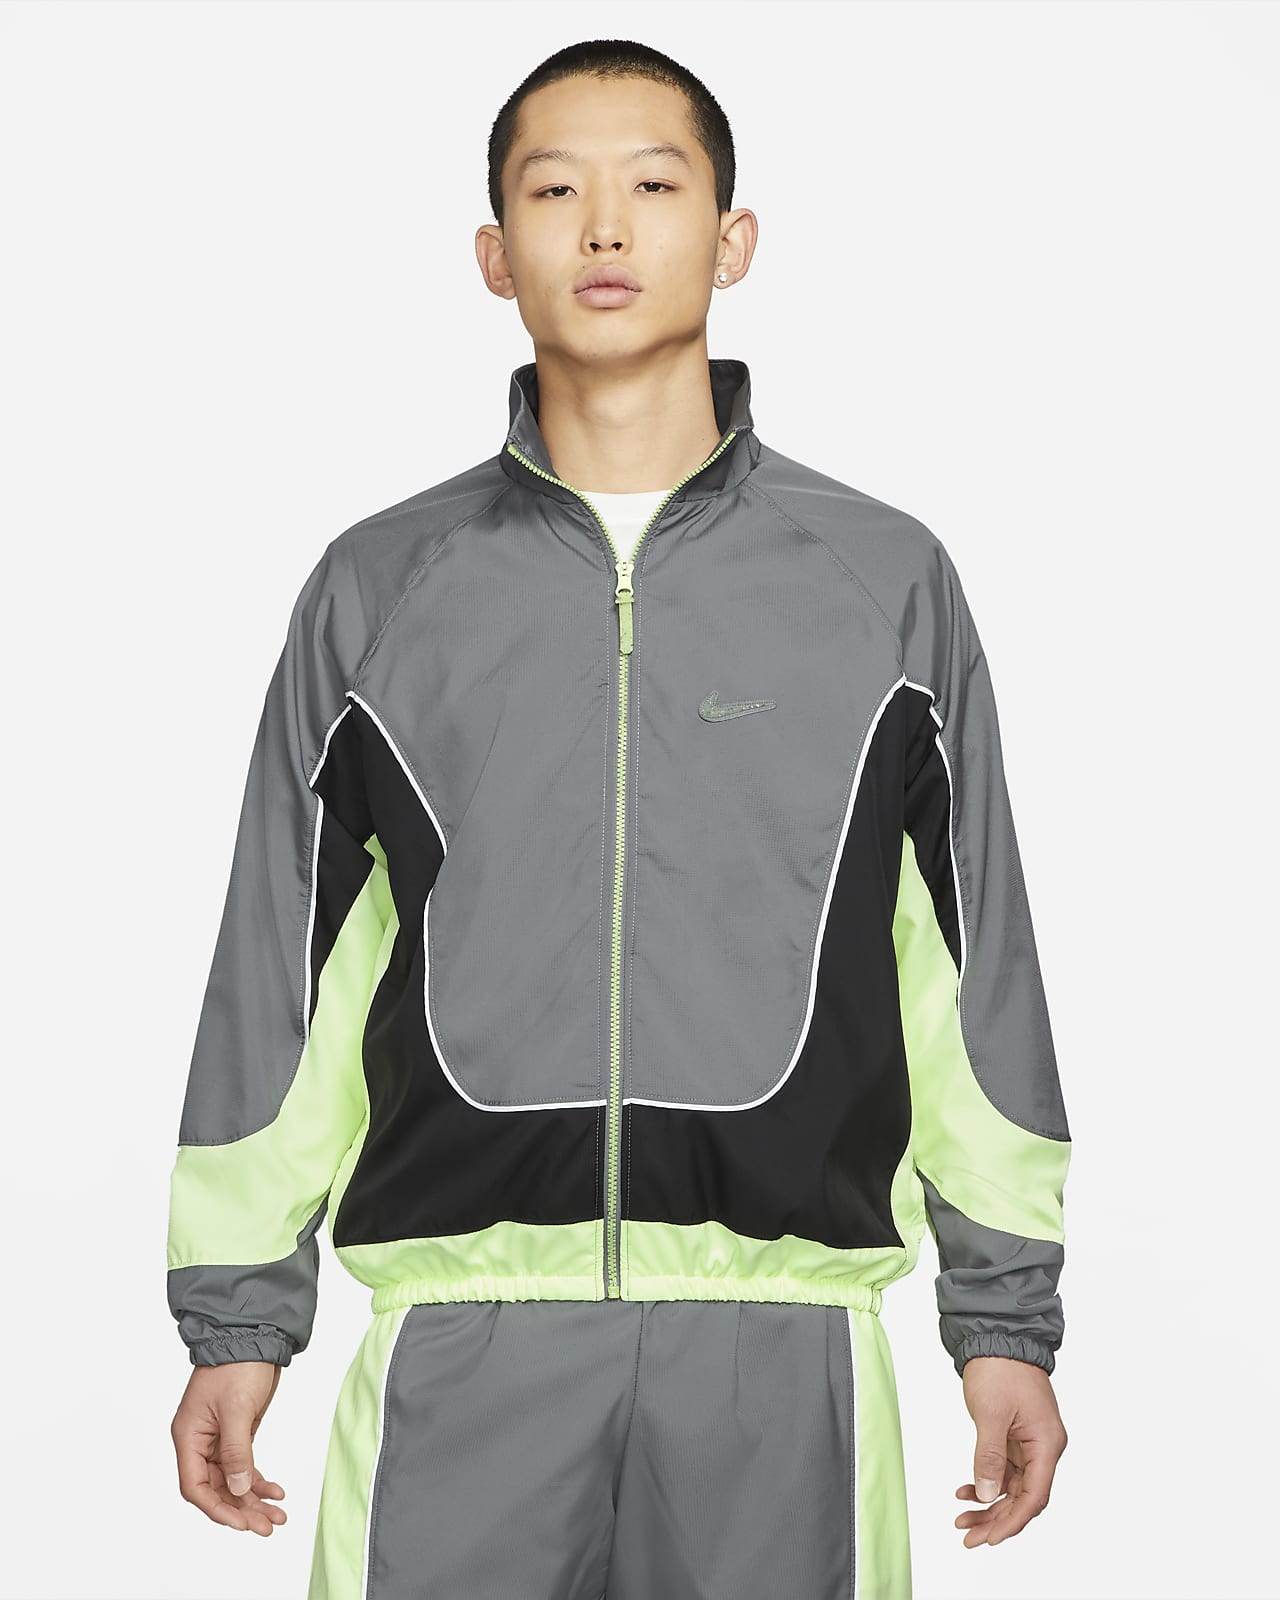 เสื้อแจ็คเก็ตบาสเก็ตบอลผู้ชาย Nike Throwback